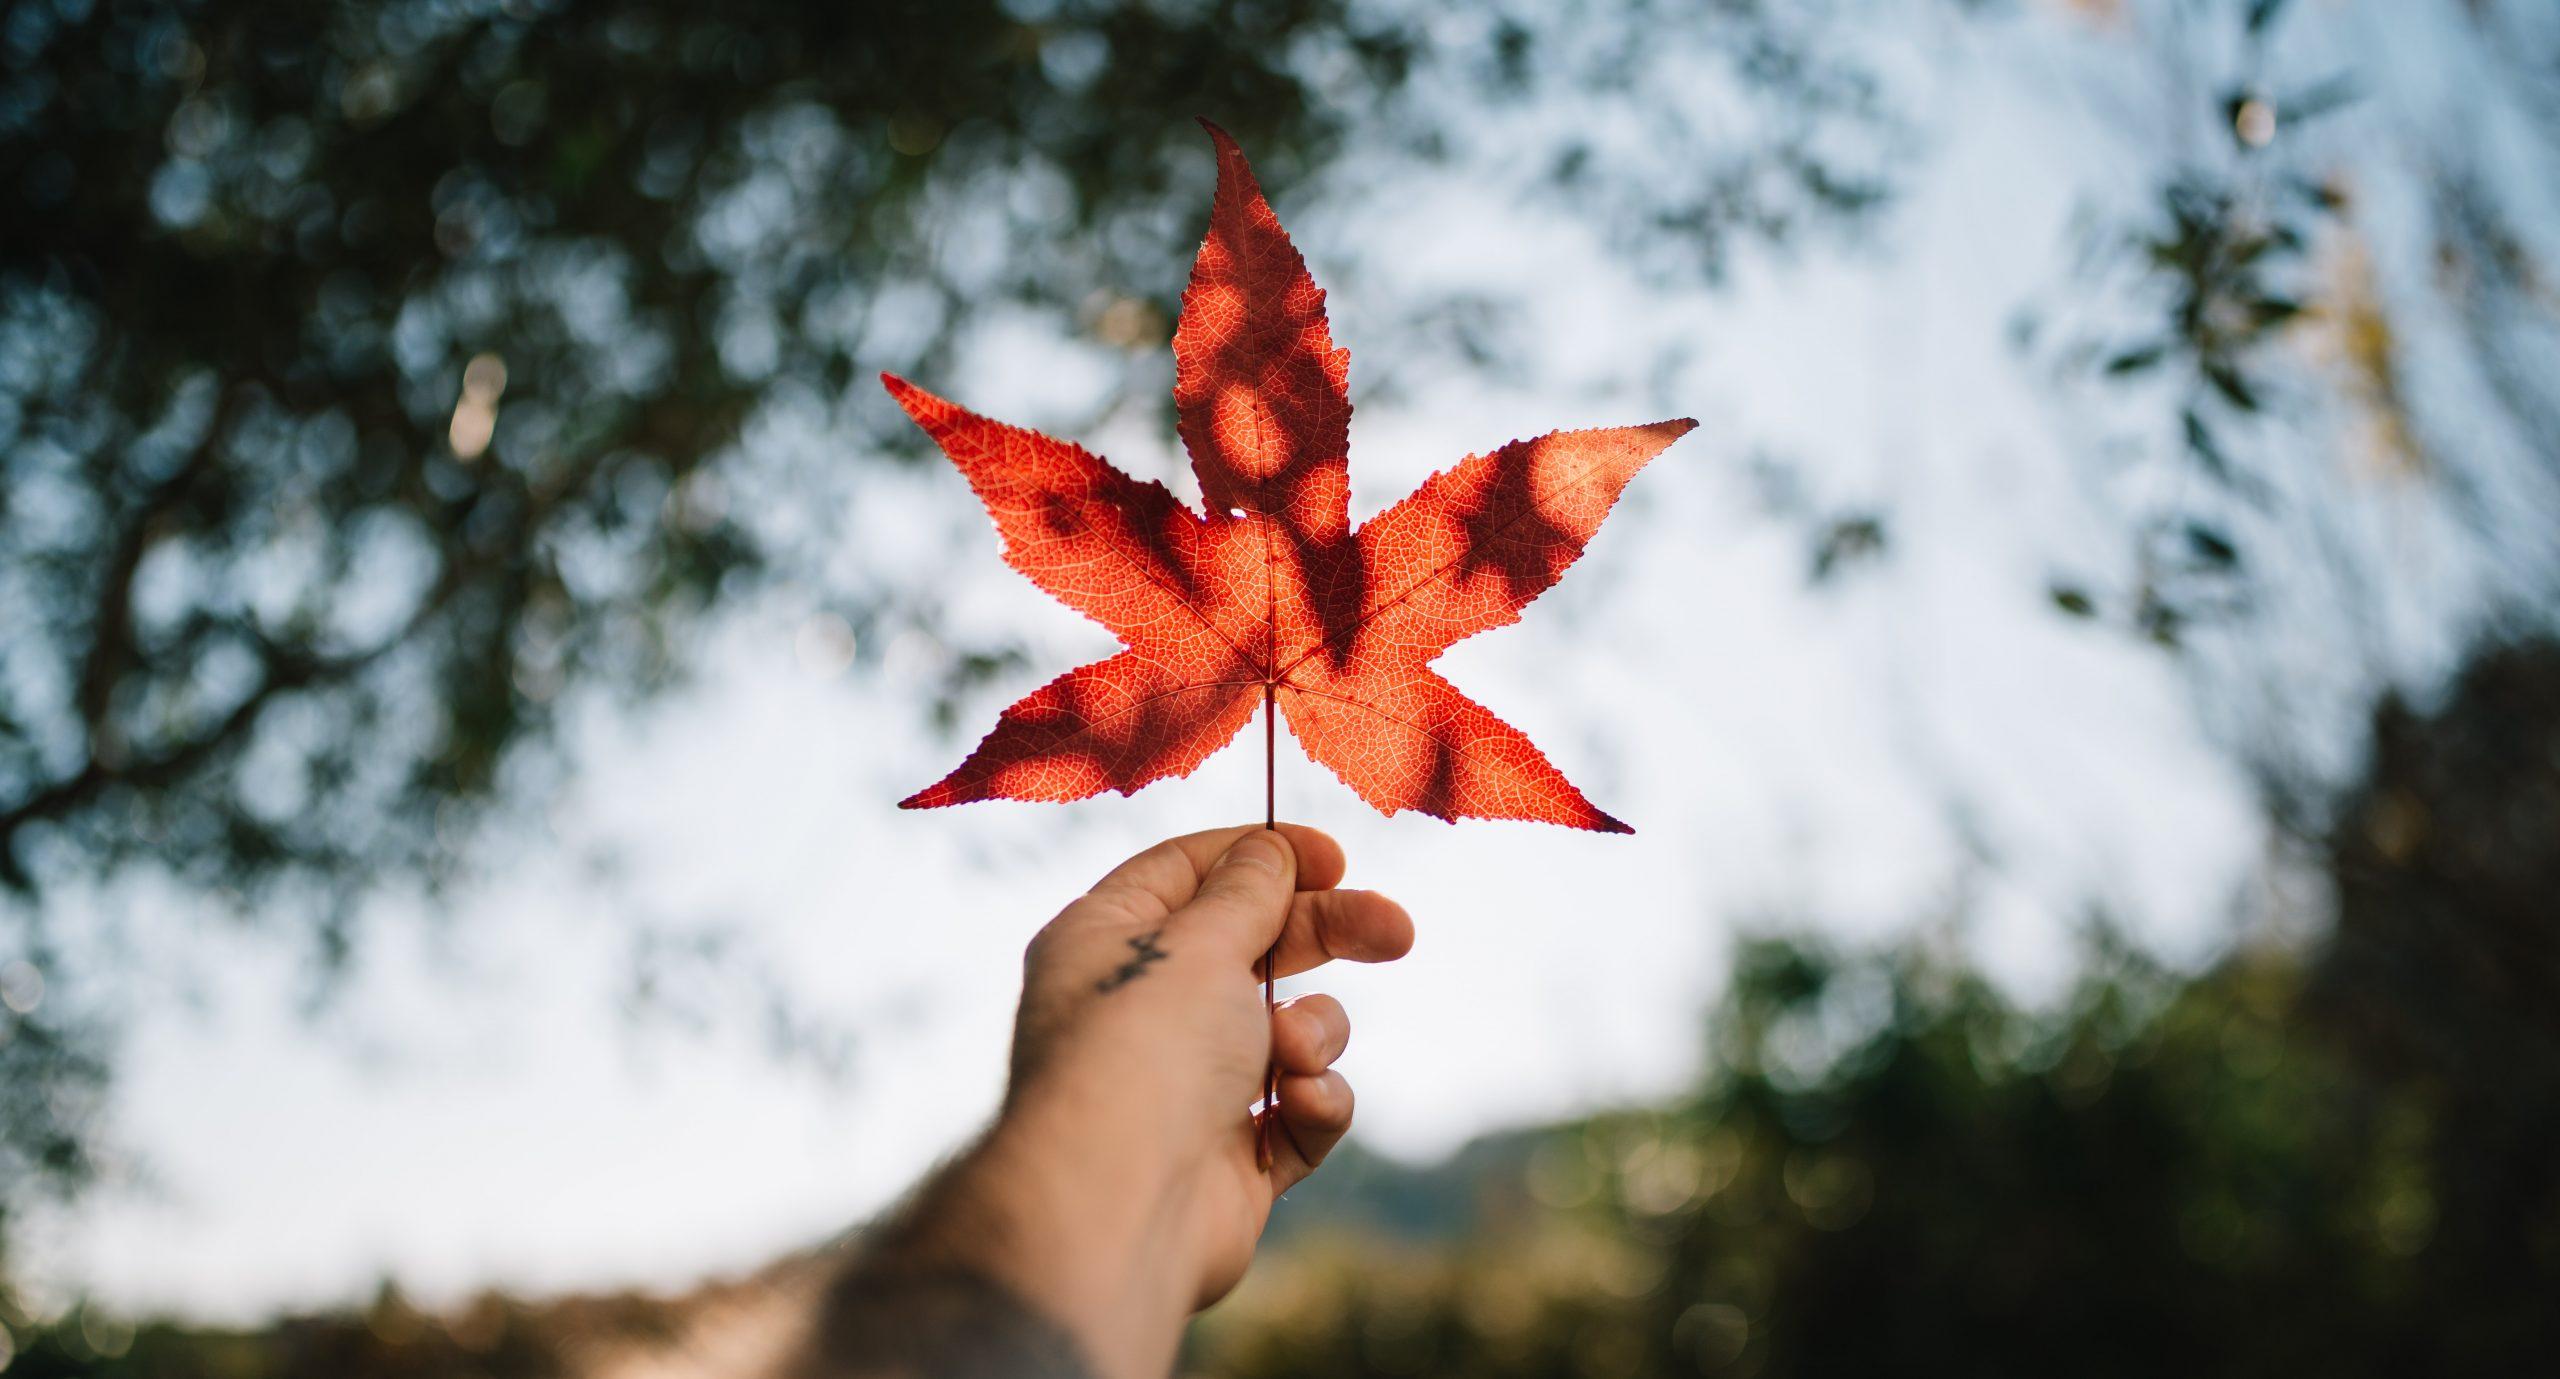 Hand holding a red maple leaf. Une main qui tient une feuille d'érable rouge.